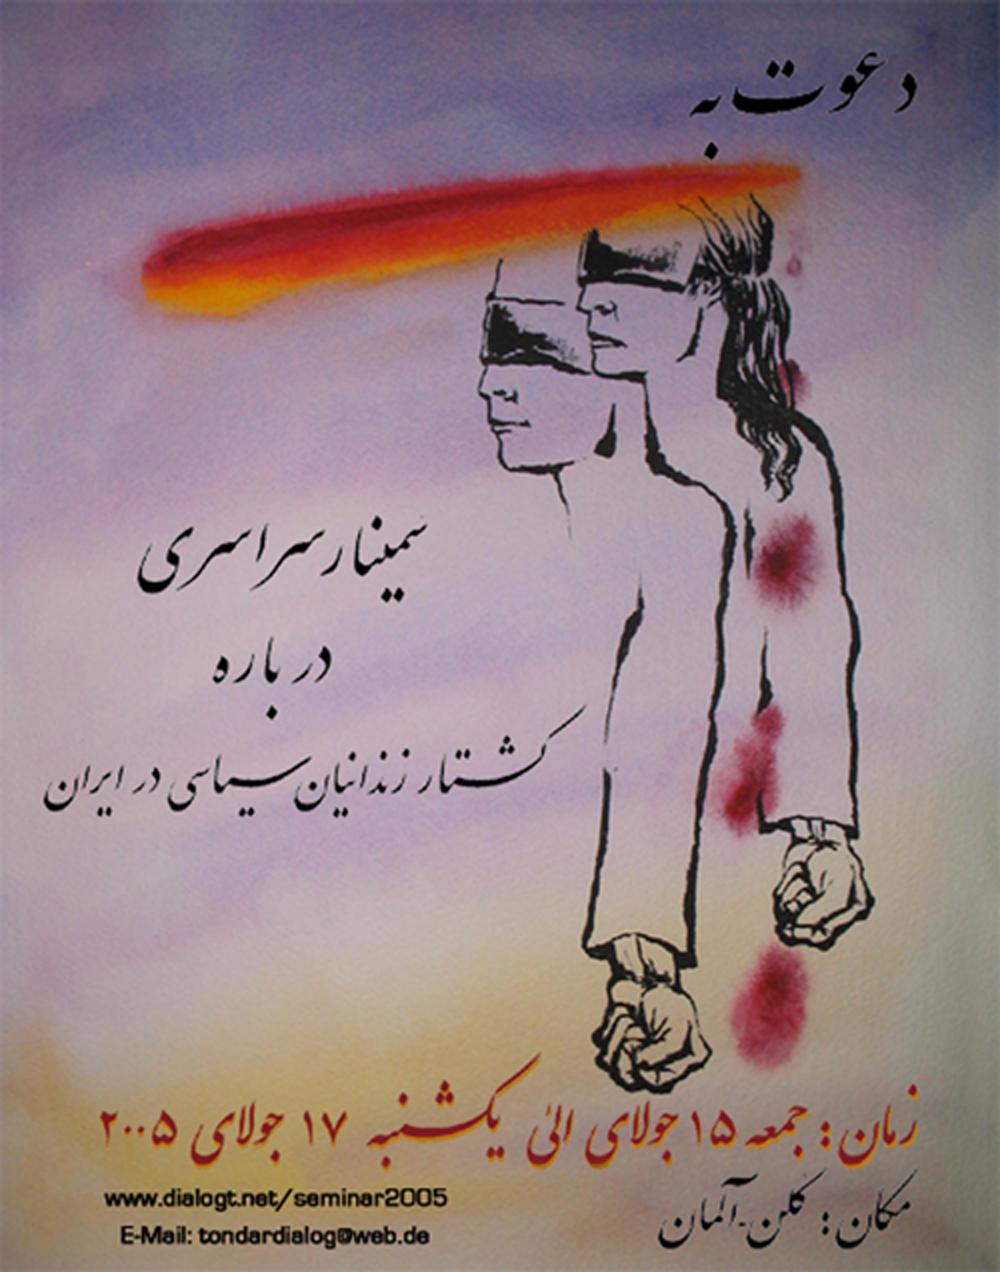 پوستر نخستین گردهمایی سراسری درباره کشتار زندانیان سیاسی در ایران، کاری از سودابه اردوان